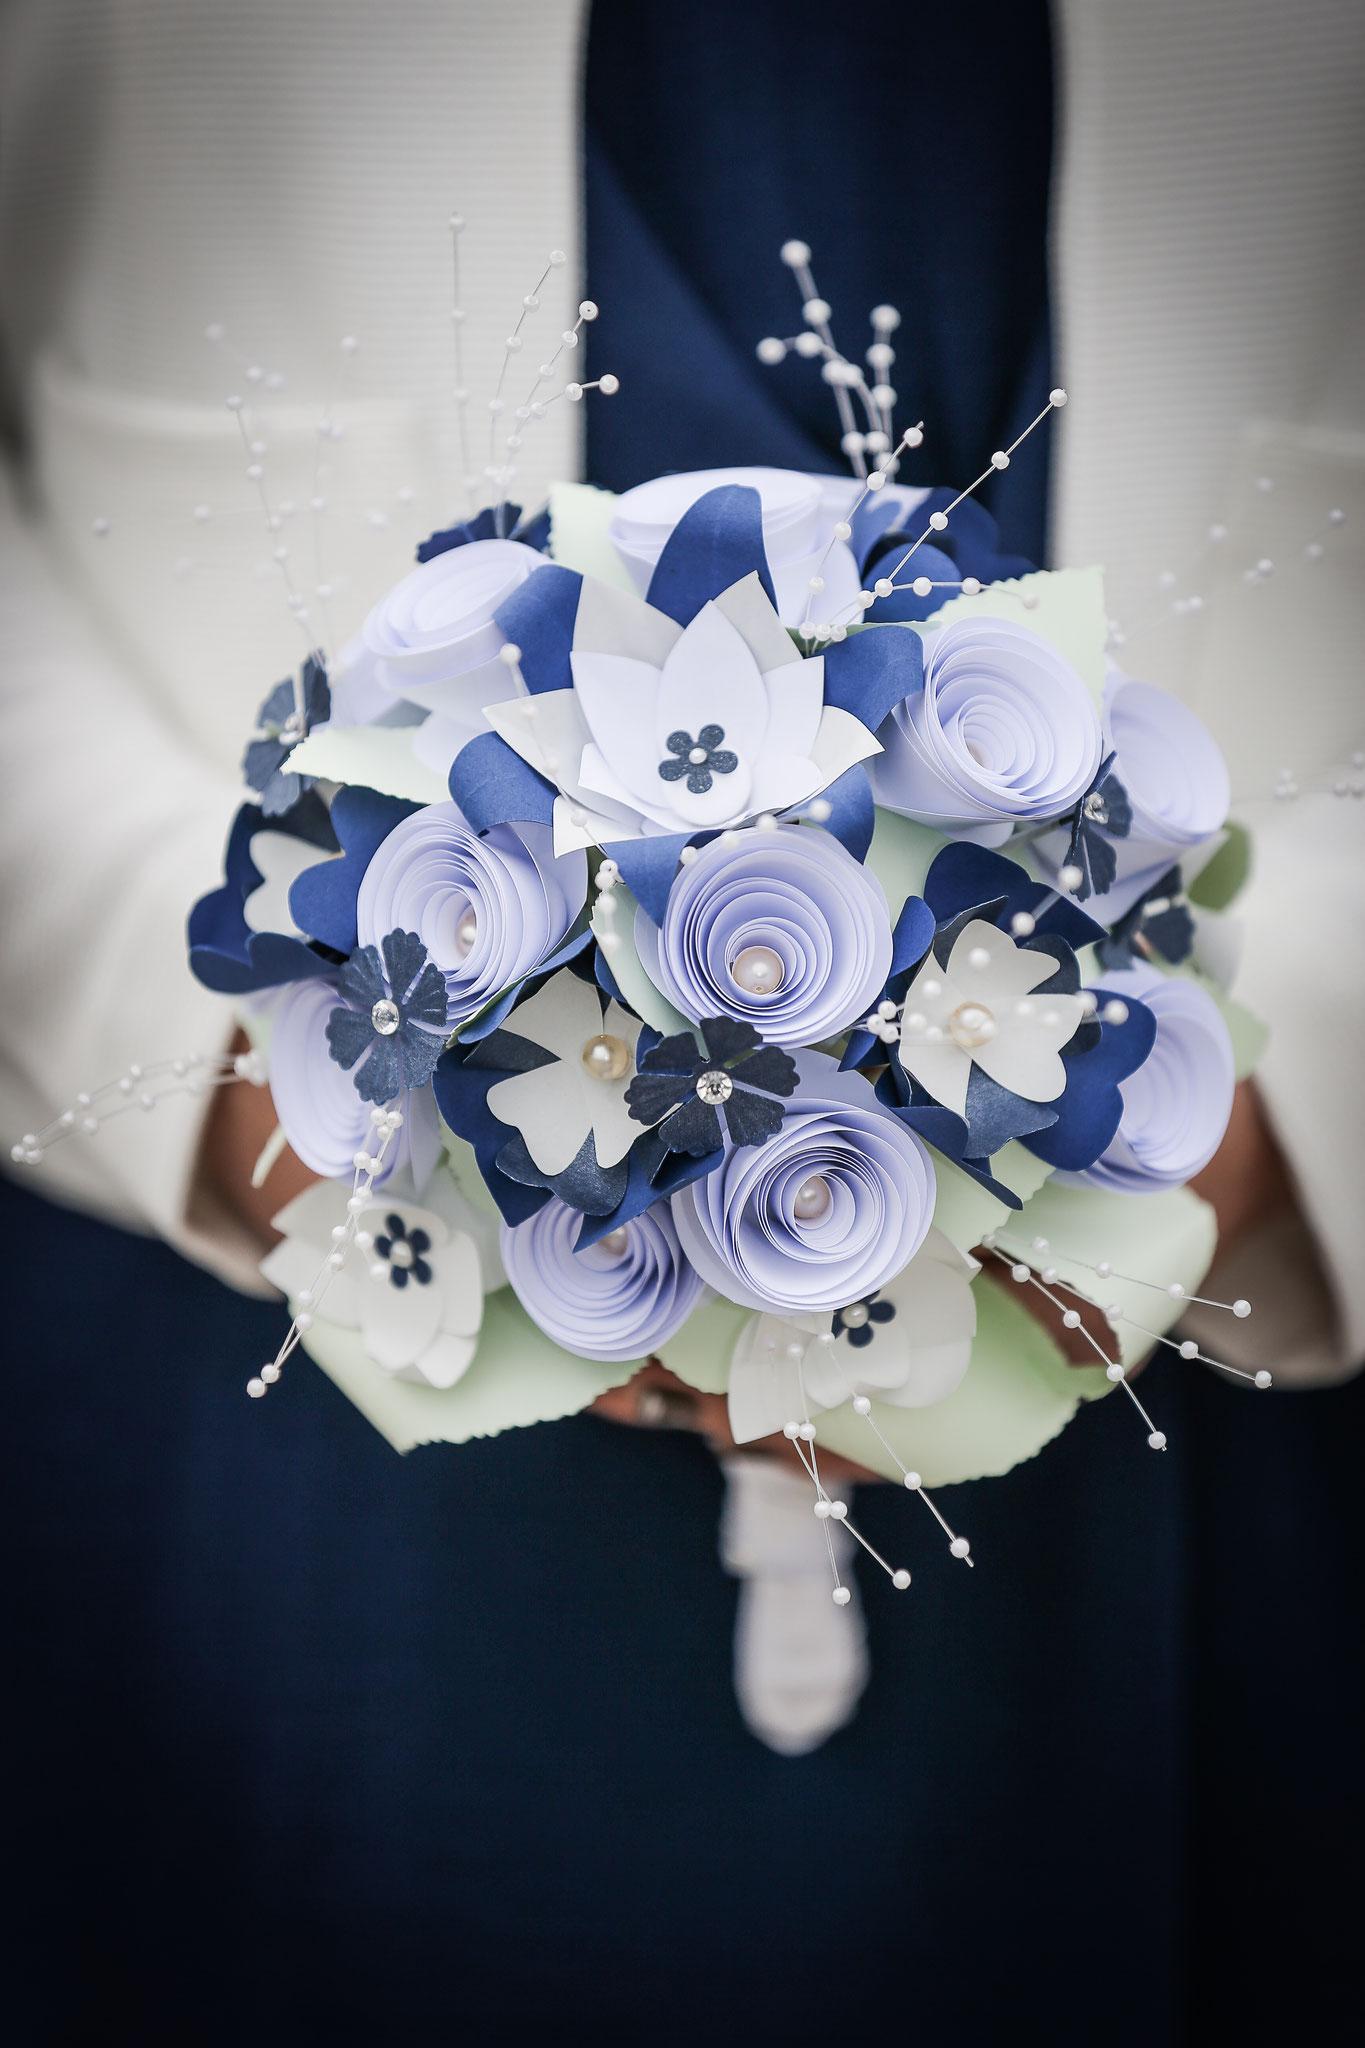 www.lovelyflowers.de - Dein Spezialist für wunderschöne Brautsträuße passend zu Deinem Hochzeitskleid!